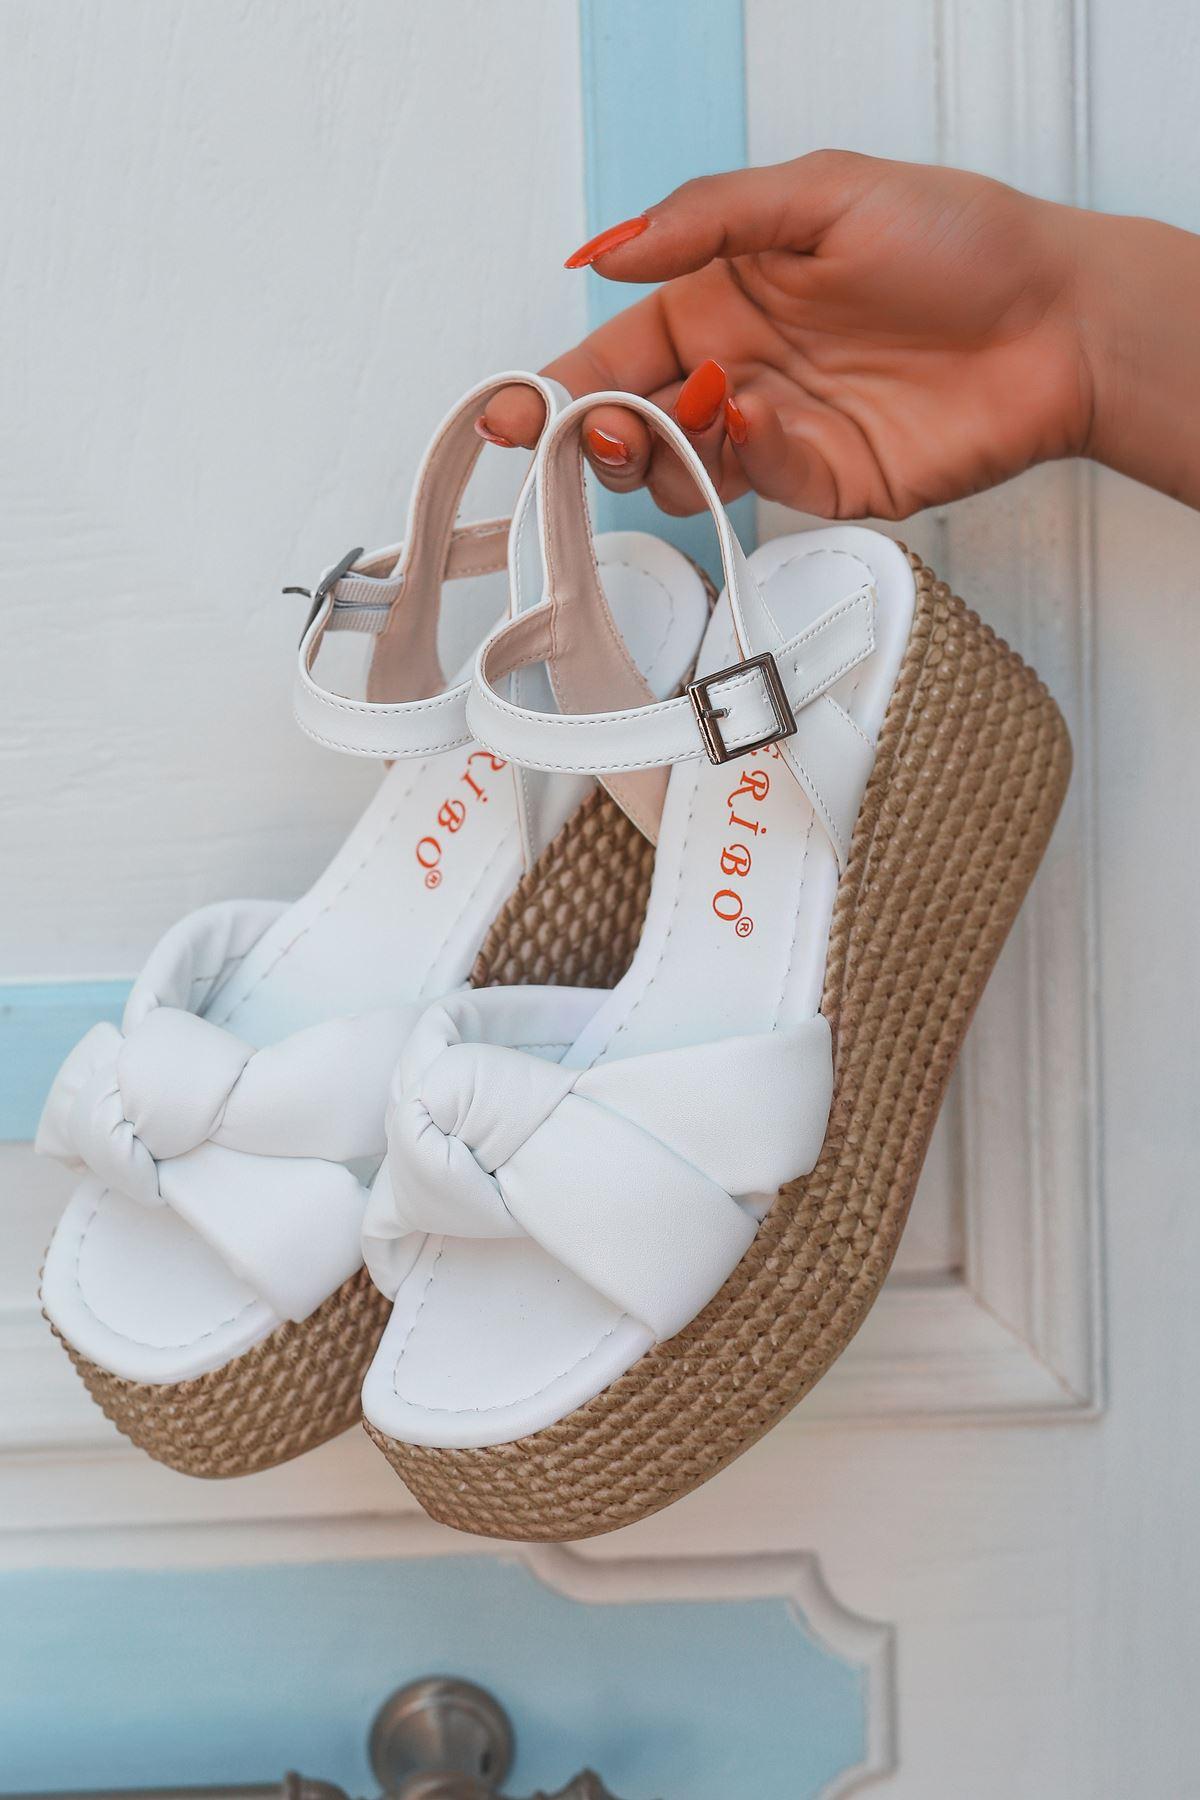 Perion Yüksek Taban Bağlama Detaylı Beyaz Kadın Sandalet